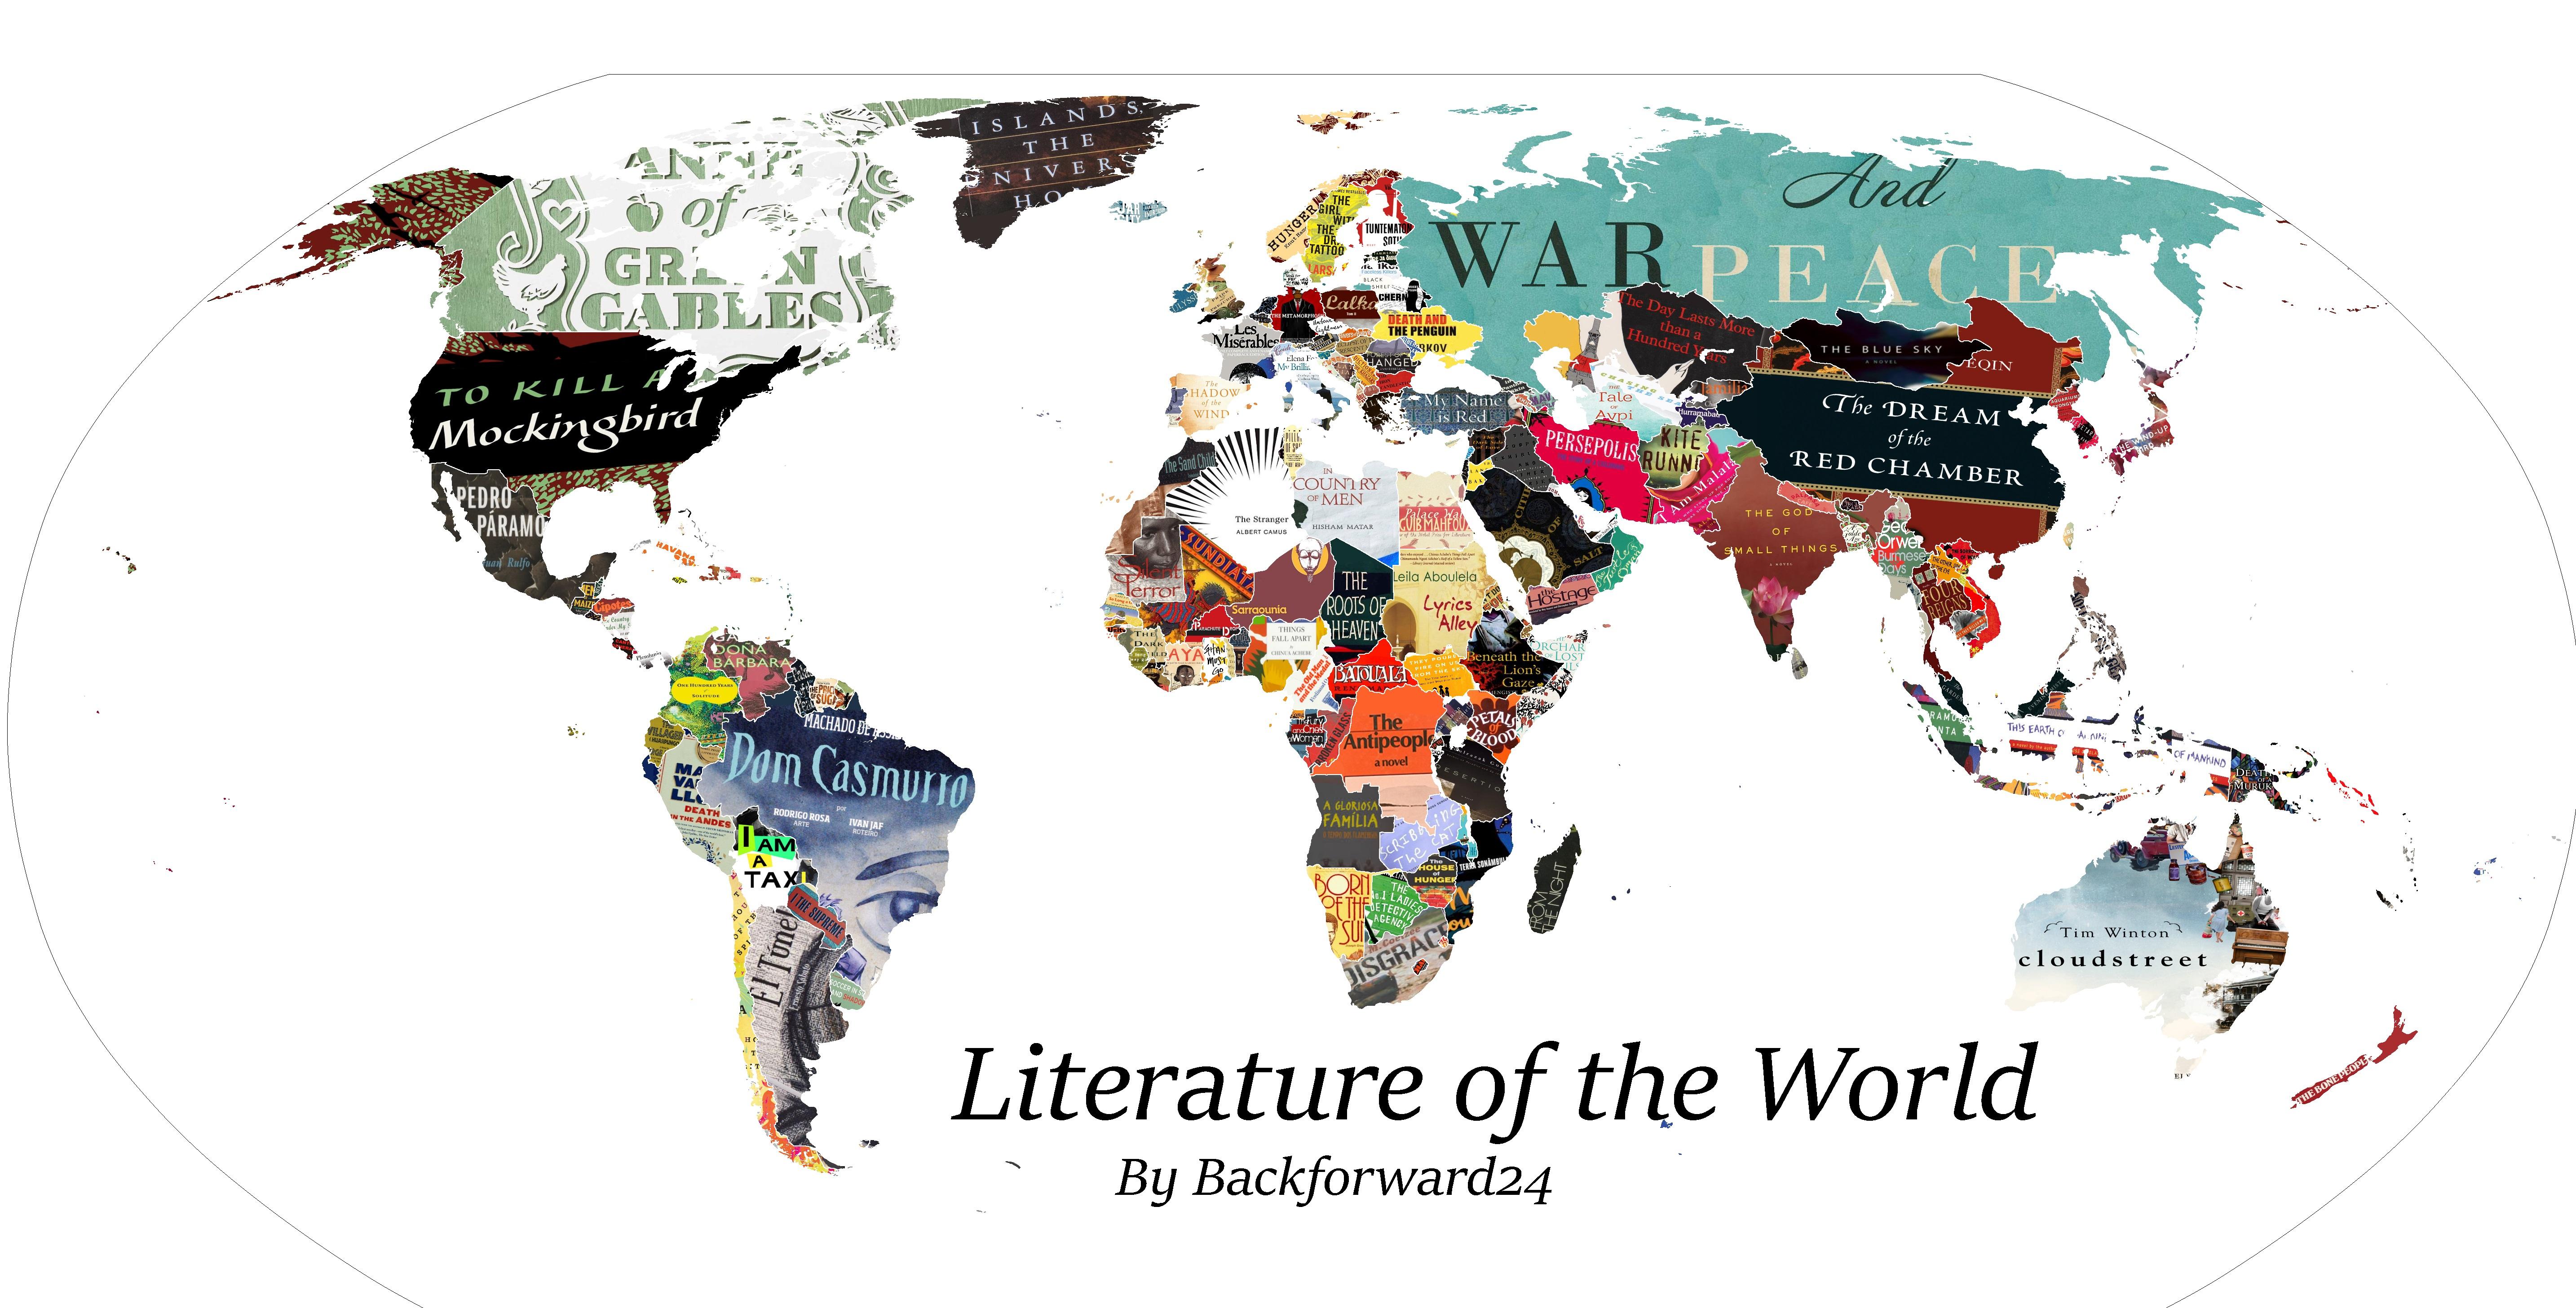 Mappa letteraria del mondo: ecco come è rappresentata l'Italia